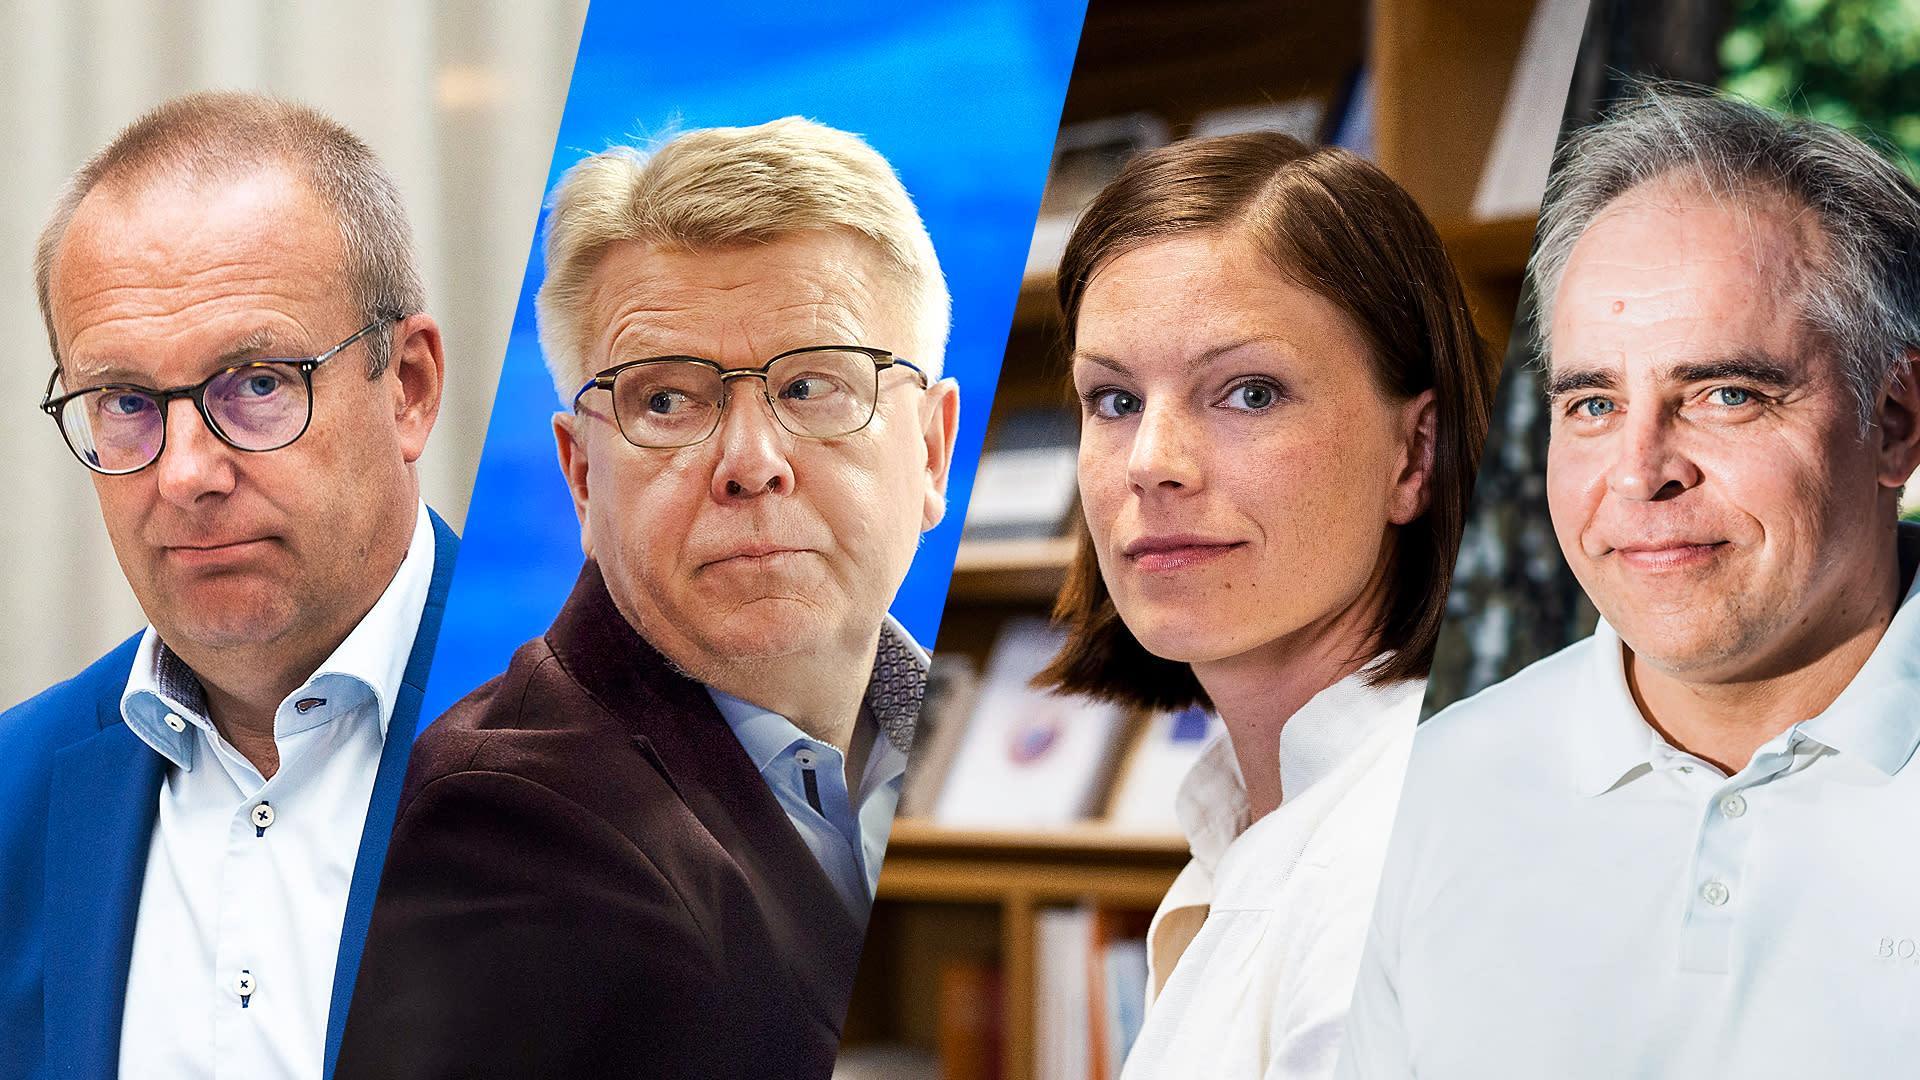 SAK:n puheenjohtaja Jarkko Eloranta,  EK:n toimitusjohtaja Jyri Häkämies,  Evan ekonomisti Sanna Kurronen ja Palkansaajien tutkimuslaitoksen johtaja Mika Maliranta A-Talkissa.